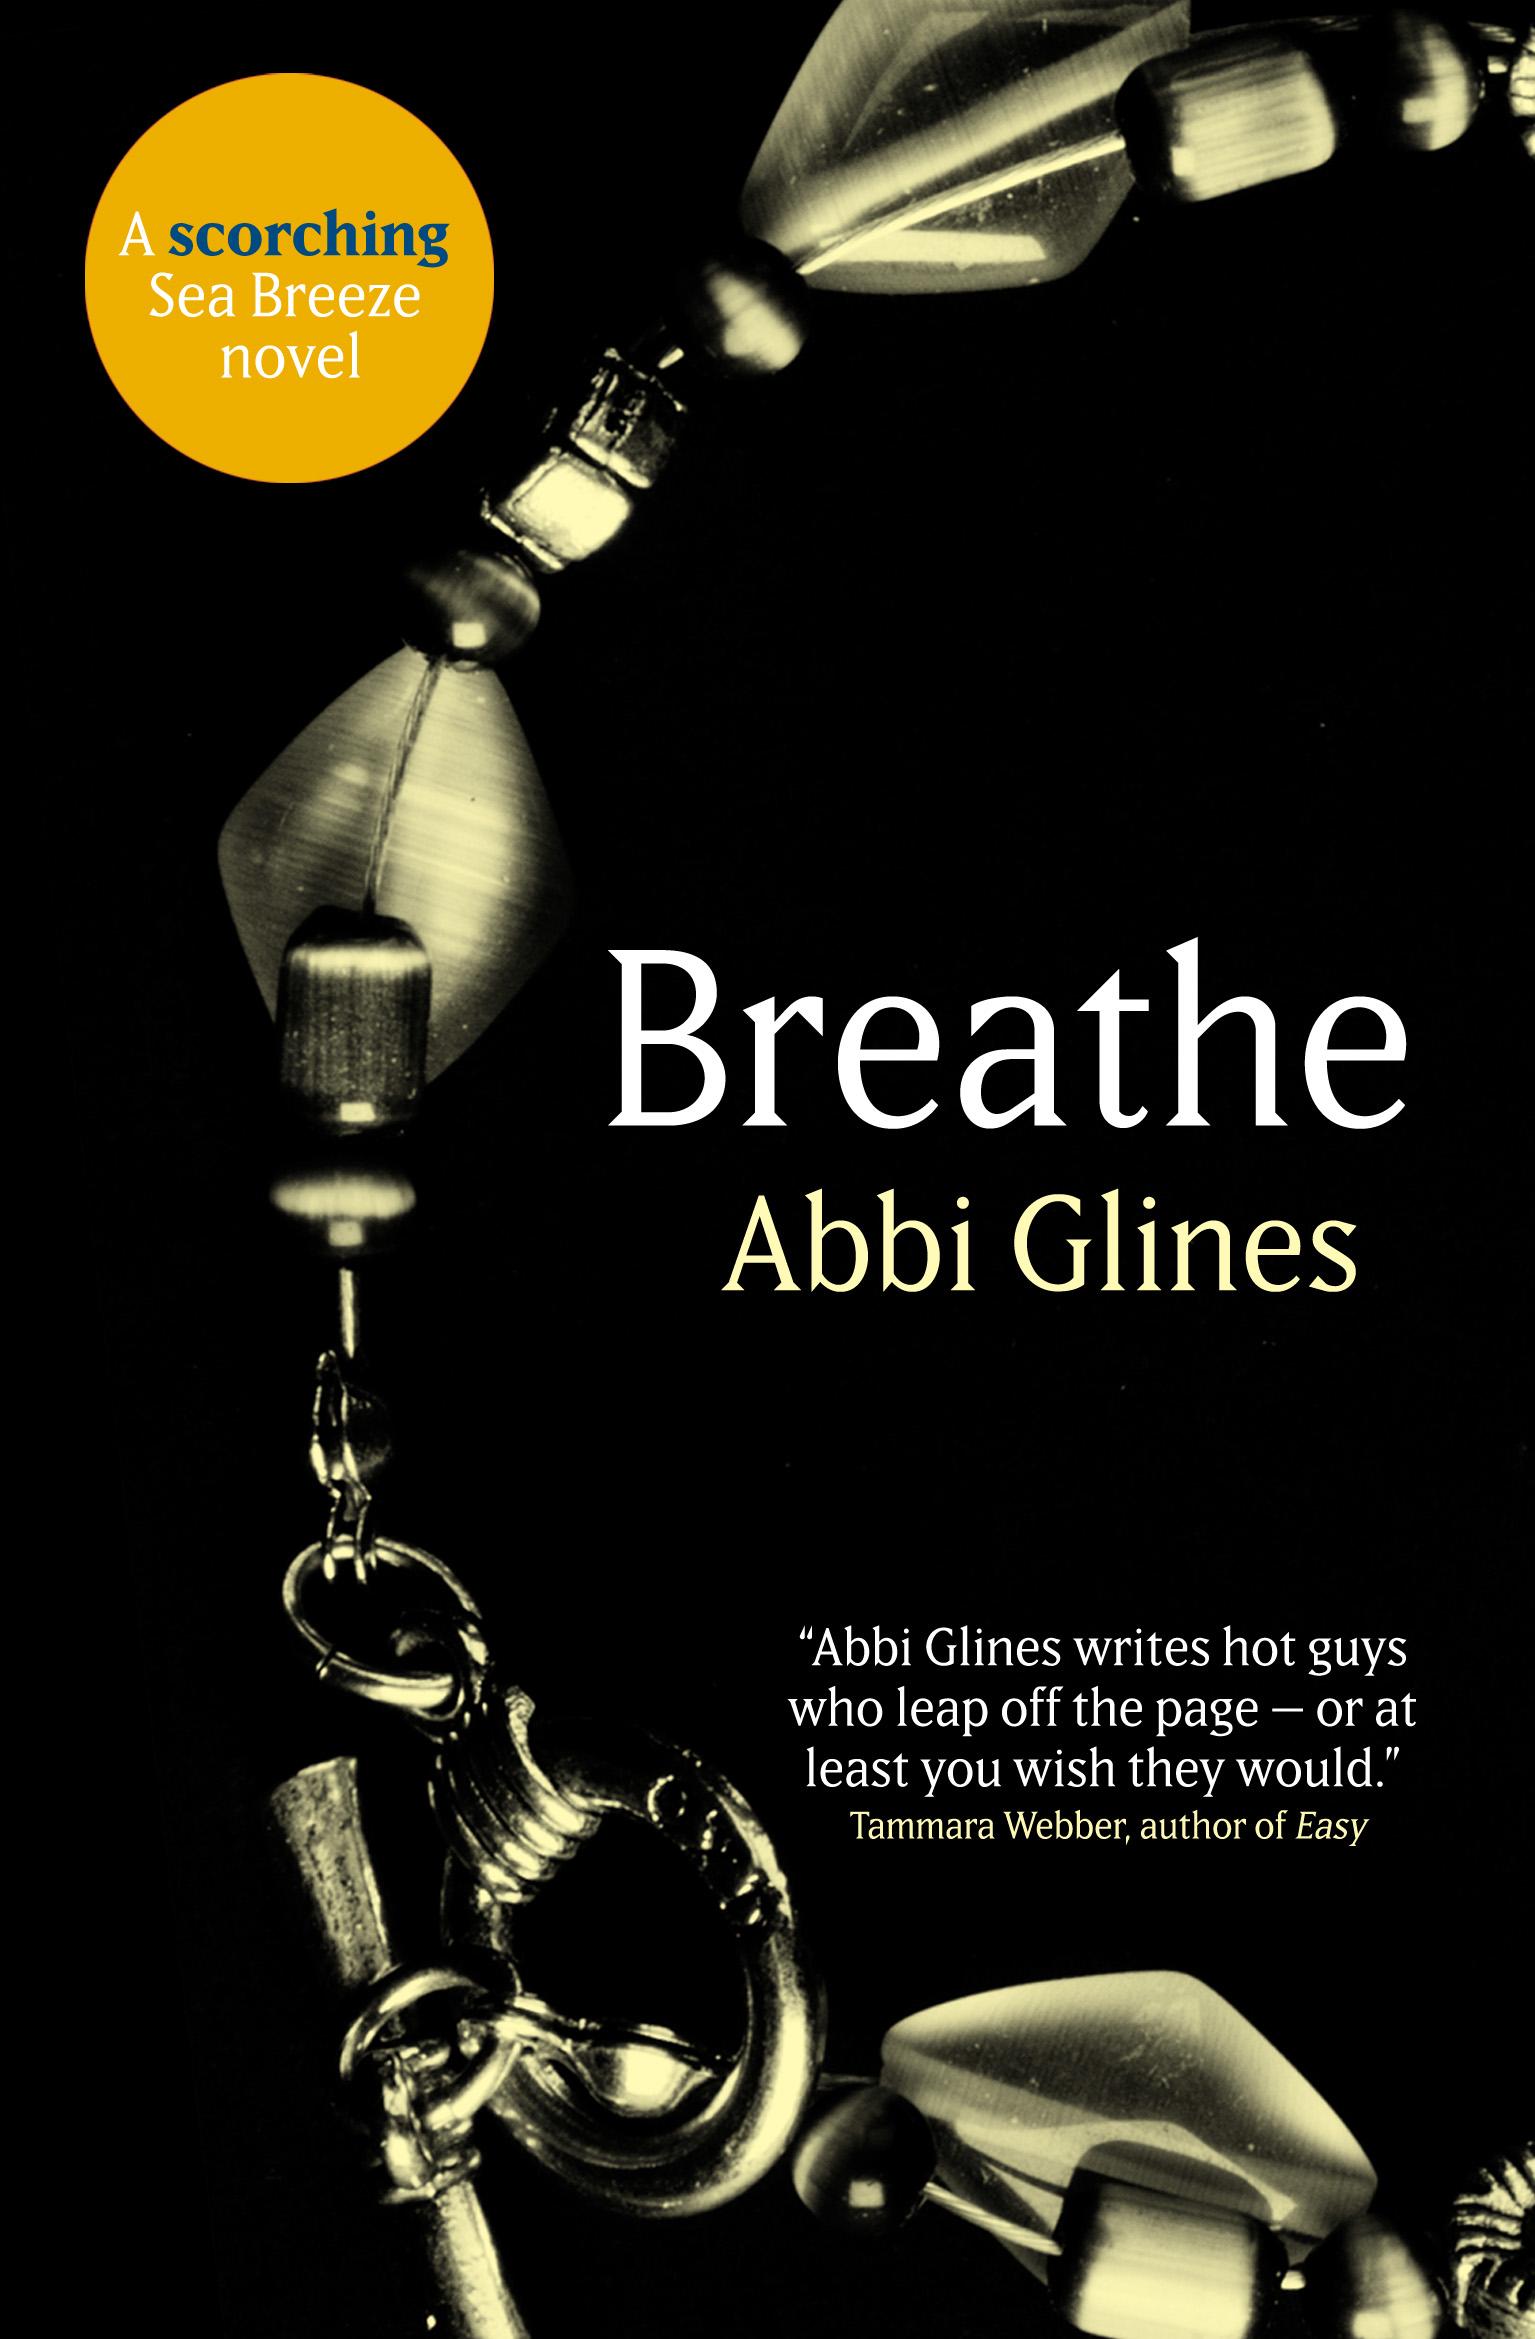 abbi glines Breathe